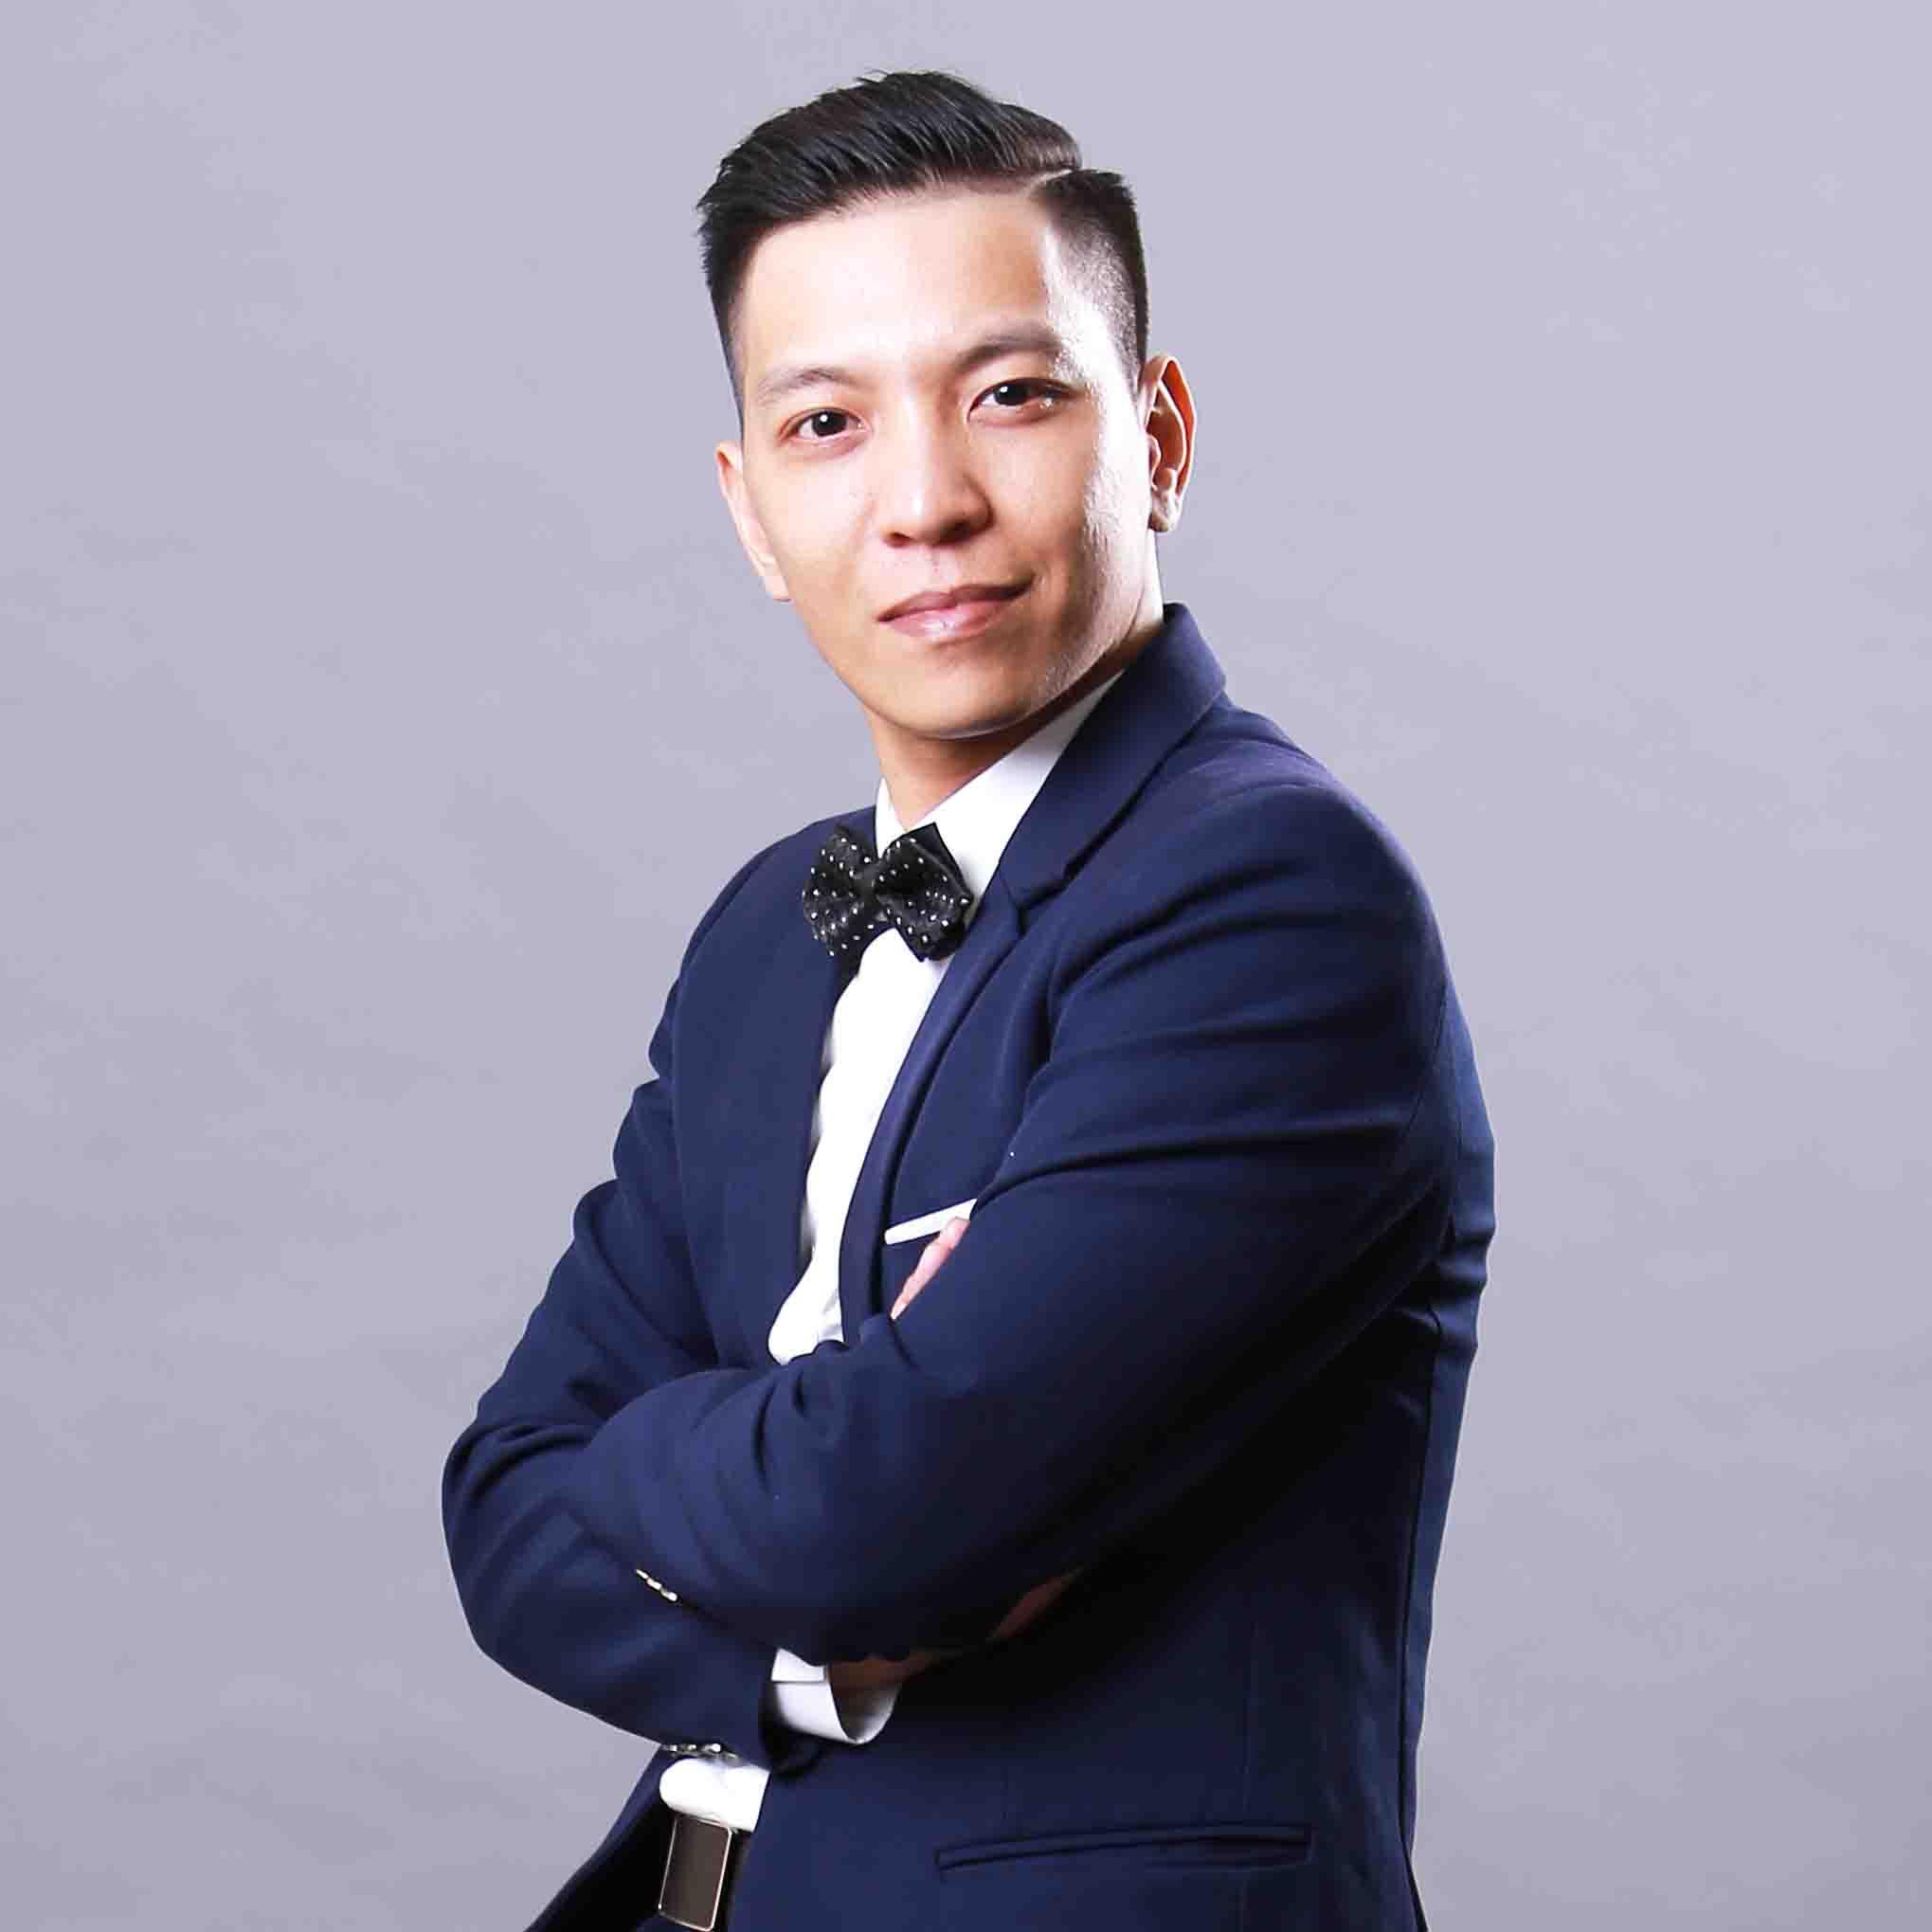 Mr. Hoang Anh